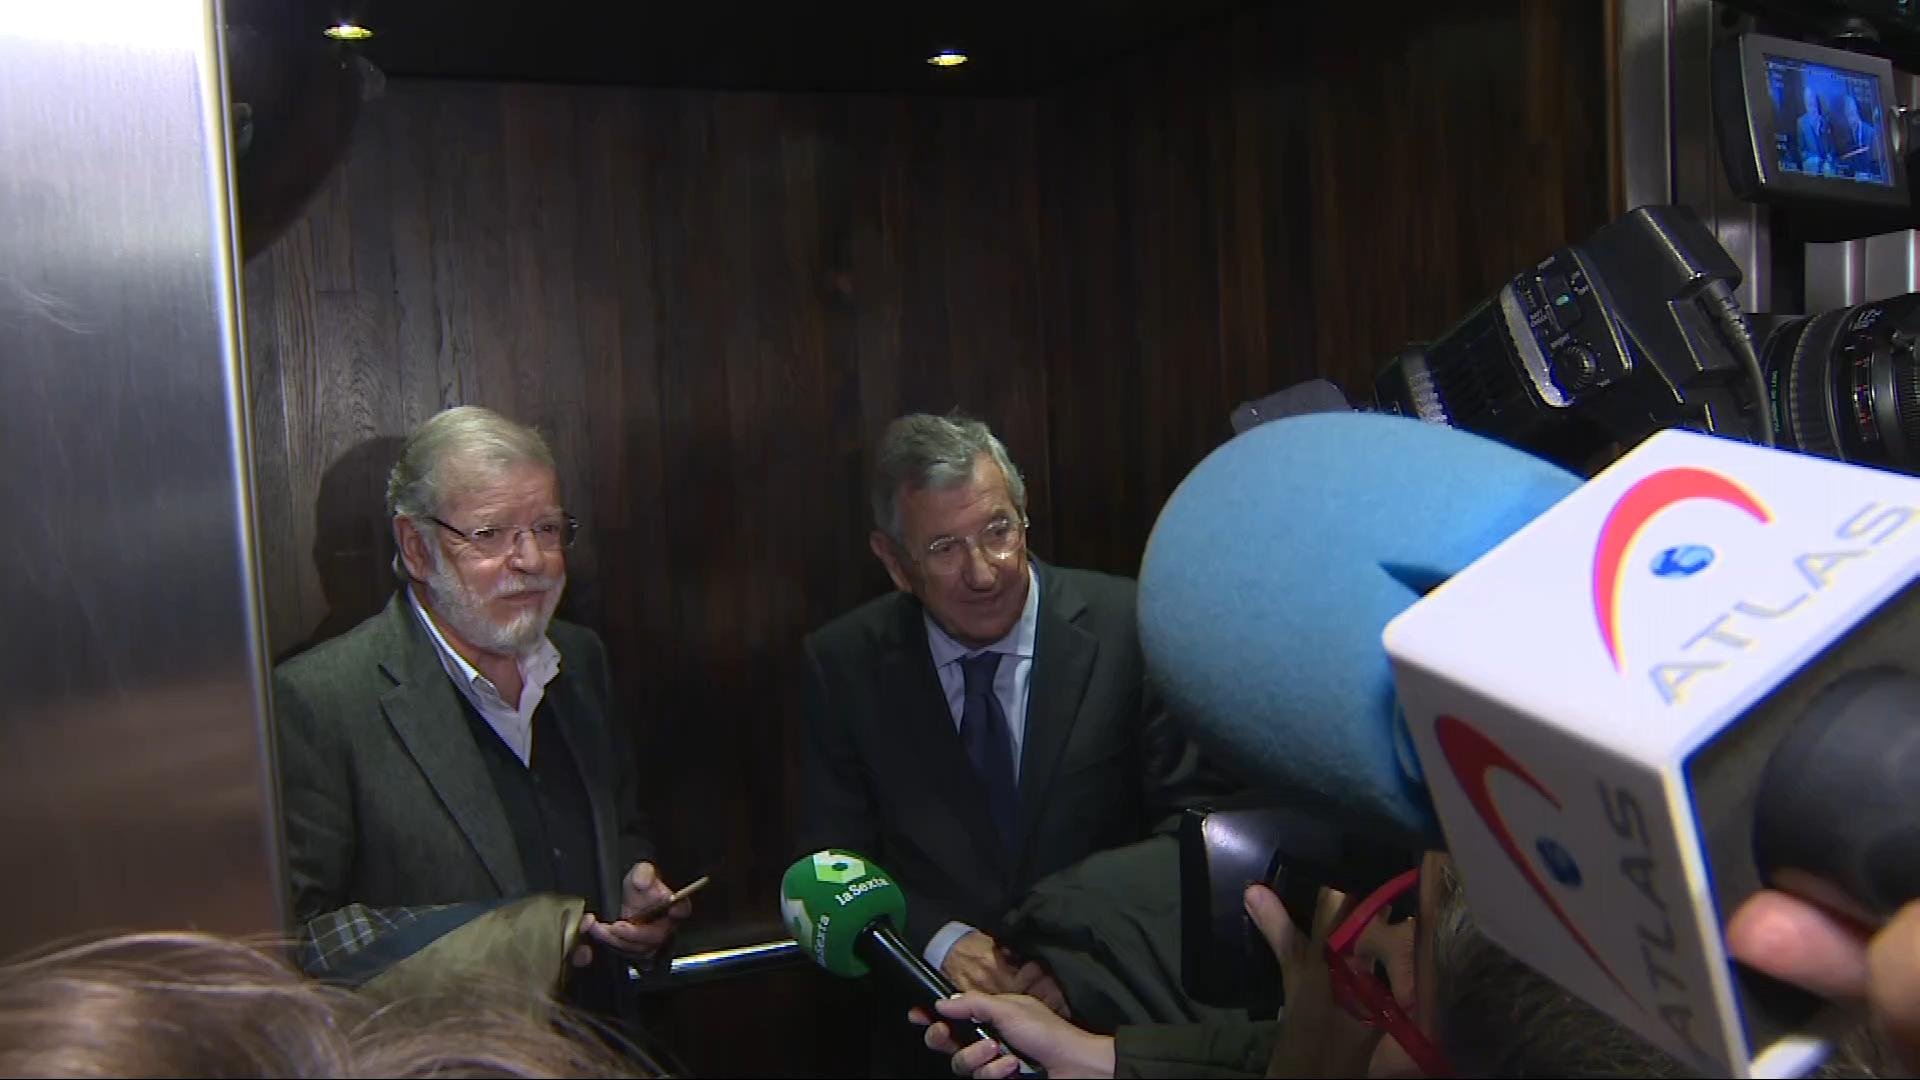 """Ibarra reitera que """"se irá del PSOE"""" si hay pacto con Podemos e independentistas - mallorcadiario.com"""